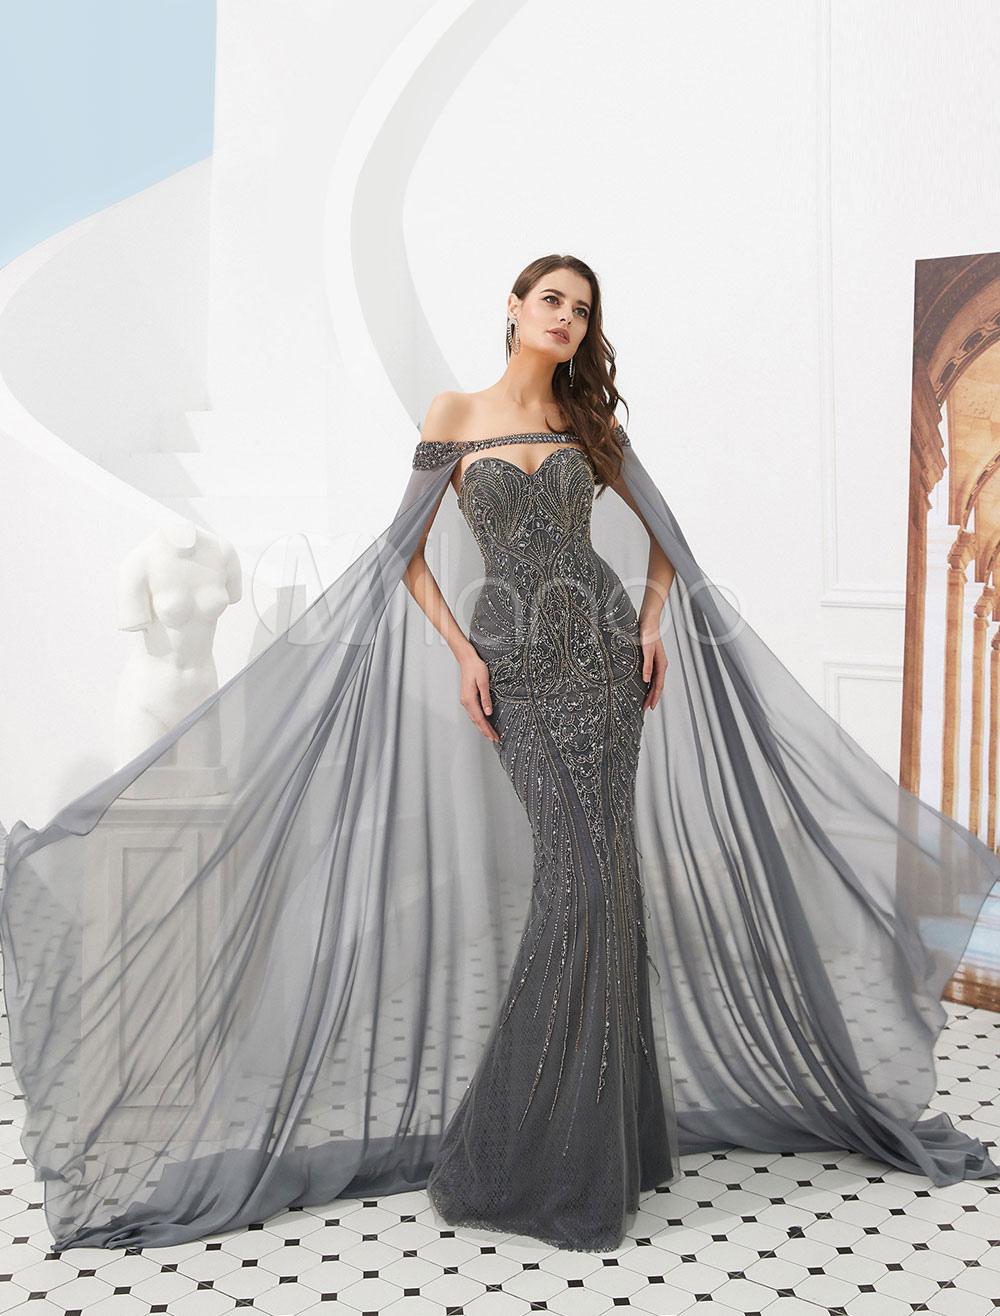 dfc1fcfb9665 Abiti da sera Mermaid Grigio Abiti da sera di lusso in rilievo pesante con  mantello- ...